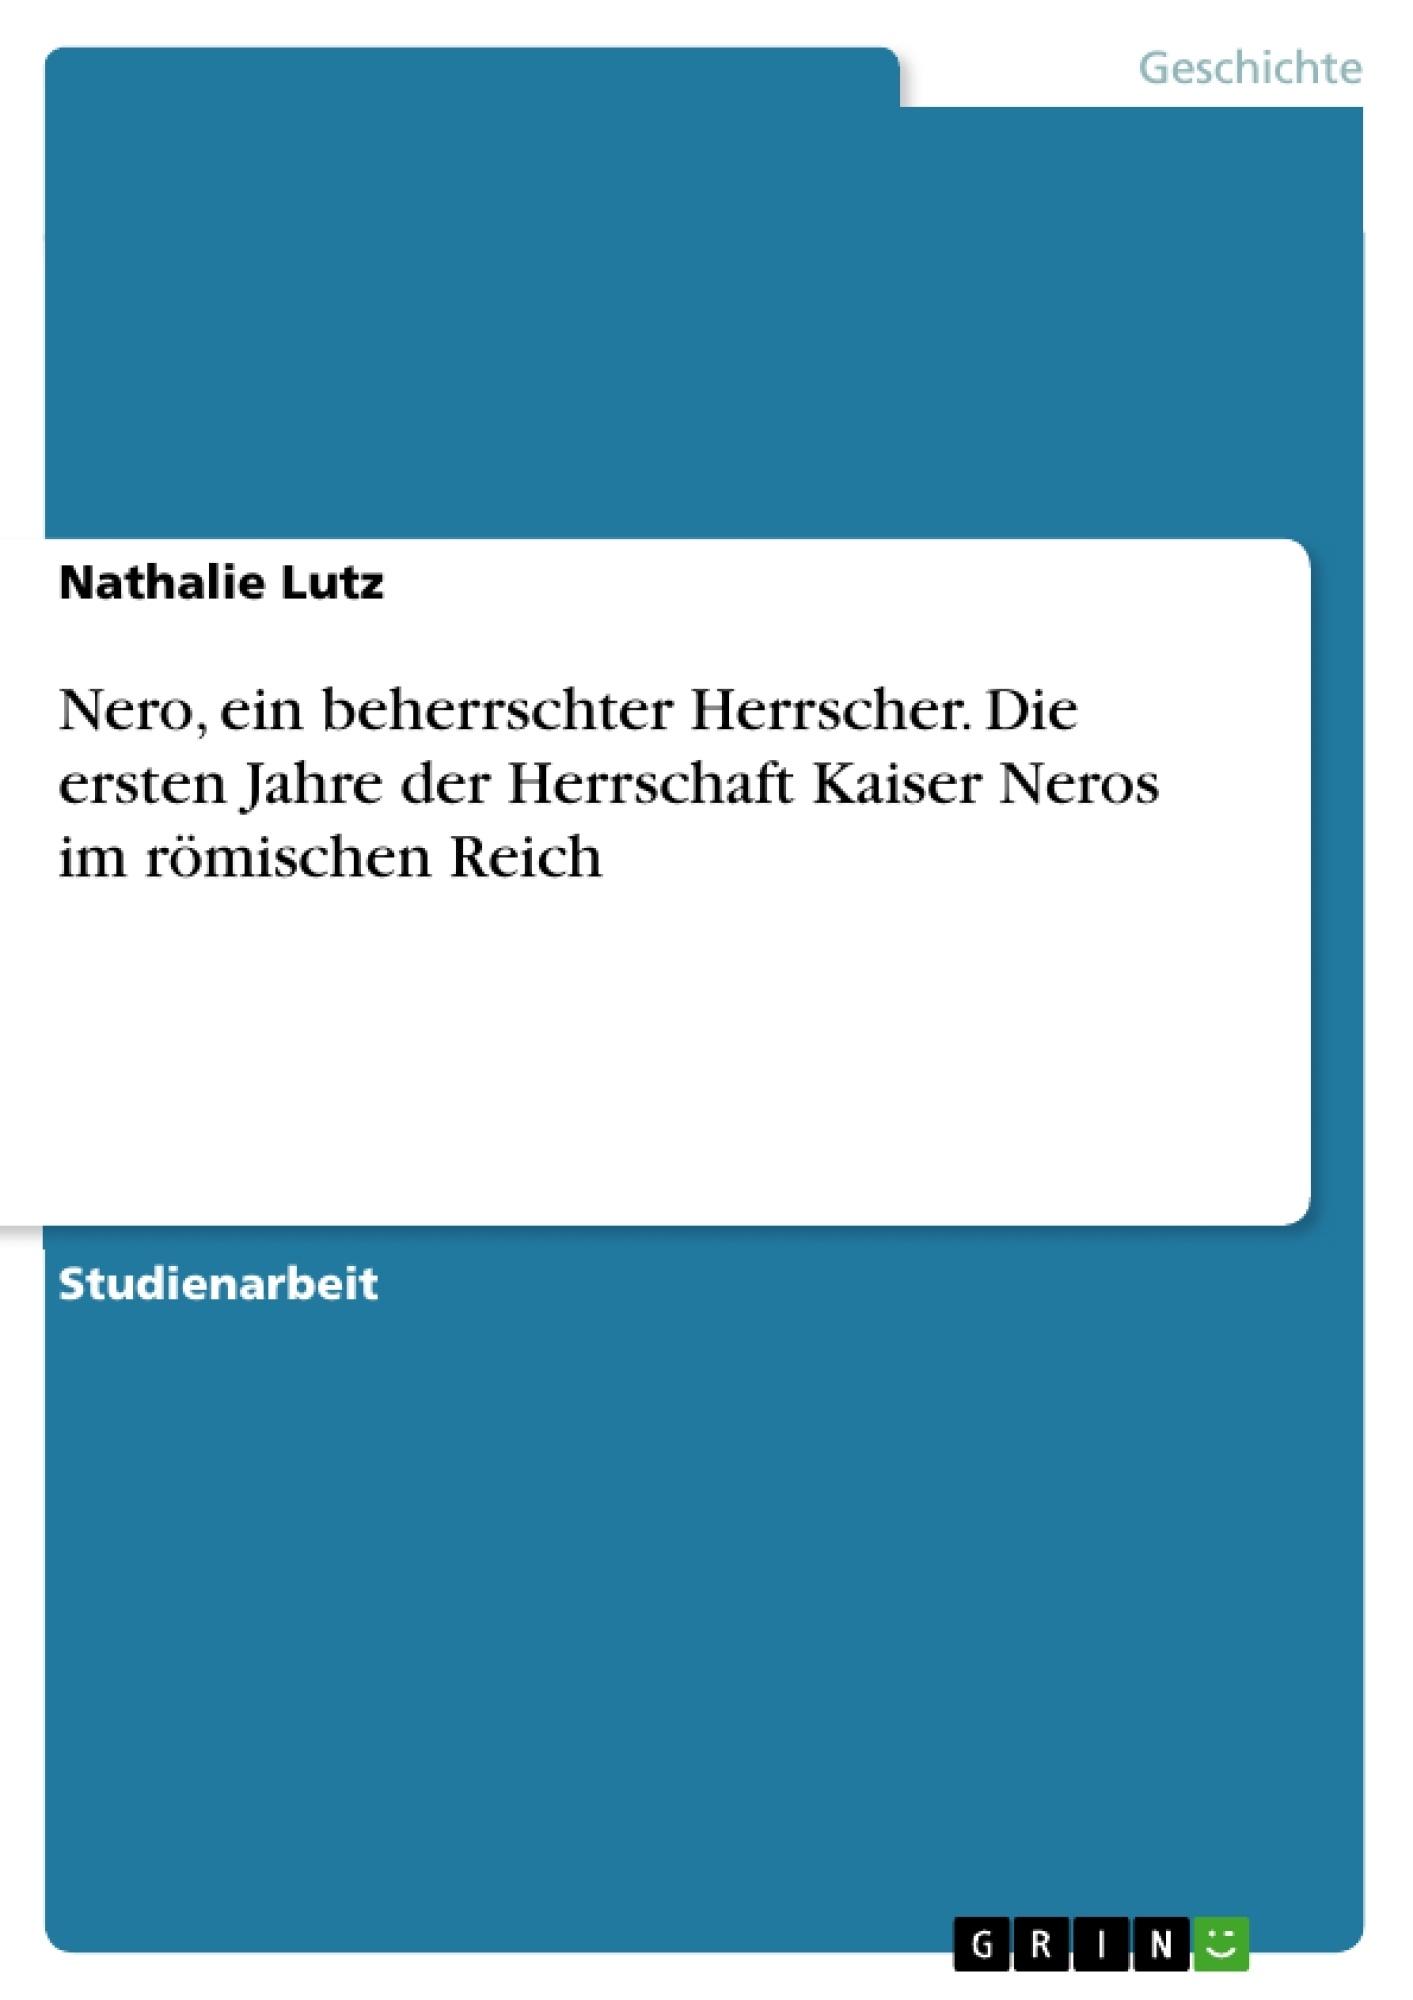 Titel: Nero, ein beherrschter Herrscher. Die ersten Jahre der Herrschaft Kaiser Neros im römischen Reich